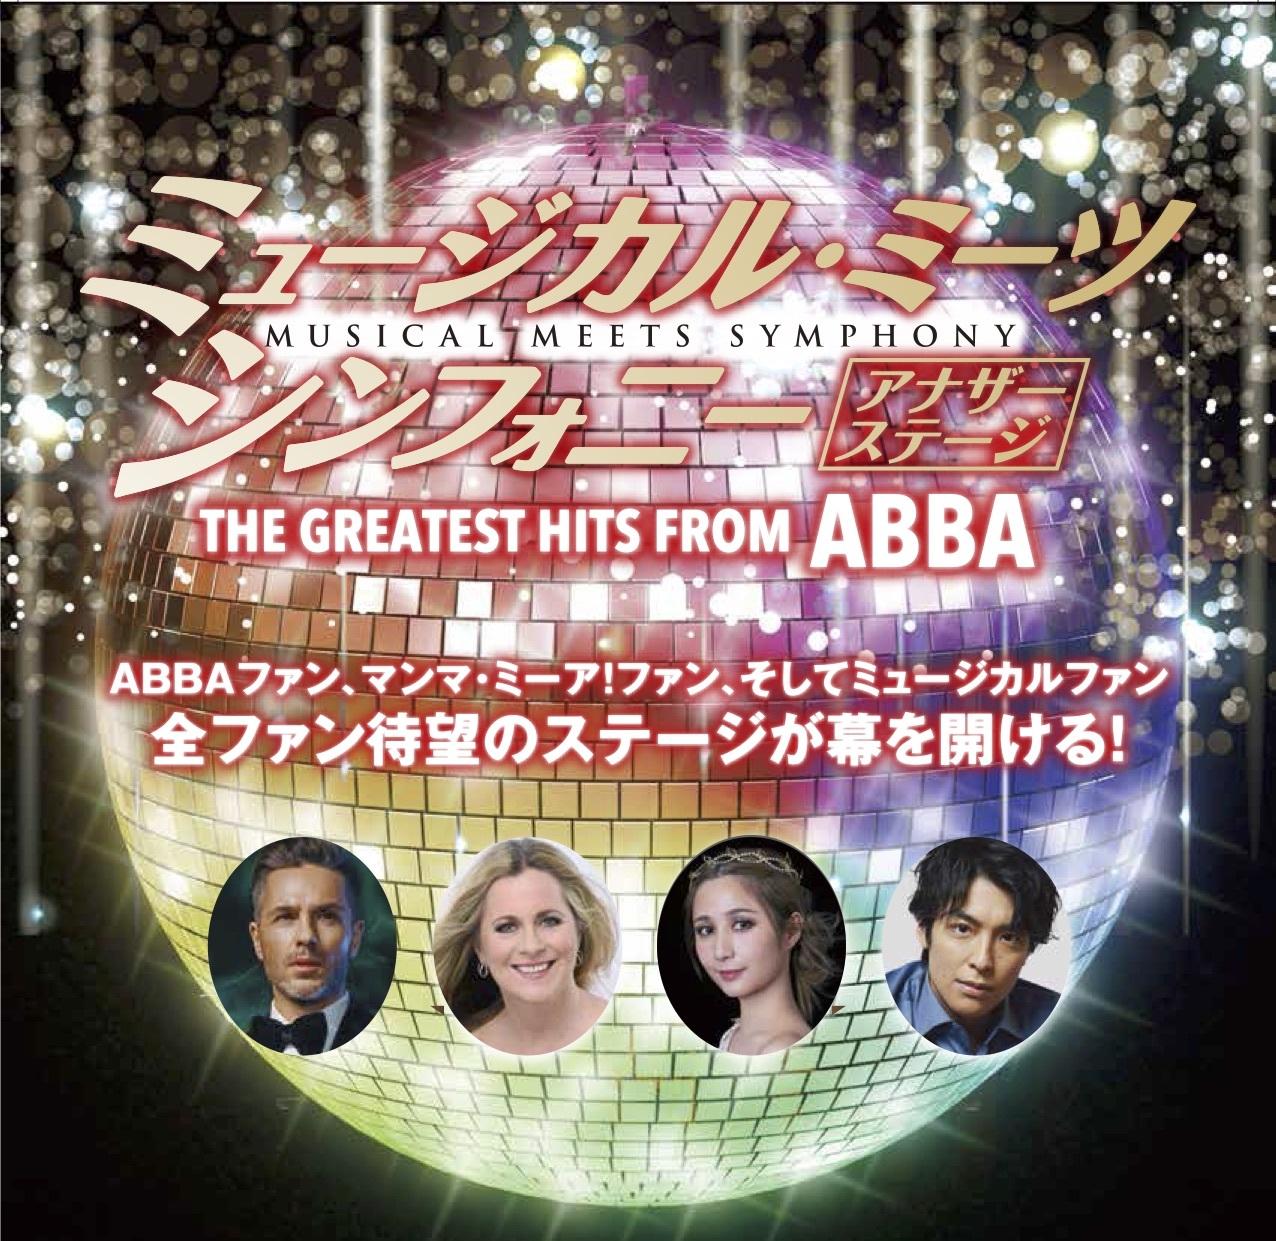 ミュージカル・ミーツ・シンフォニー アナザーステージ THE GREATEST HITS FROM ABBA